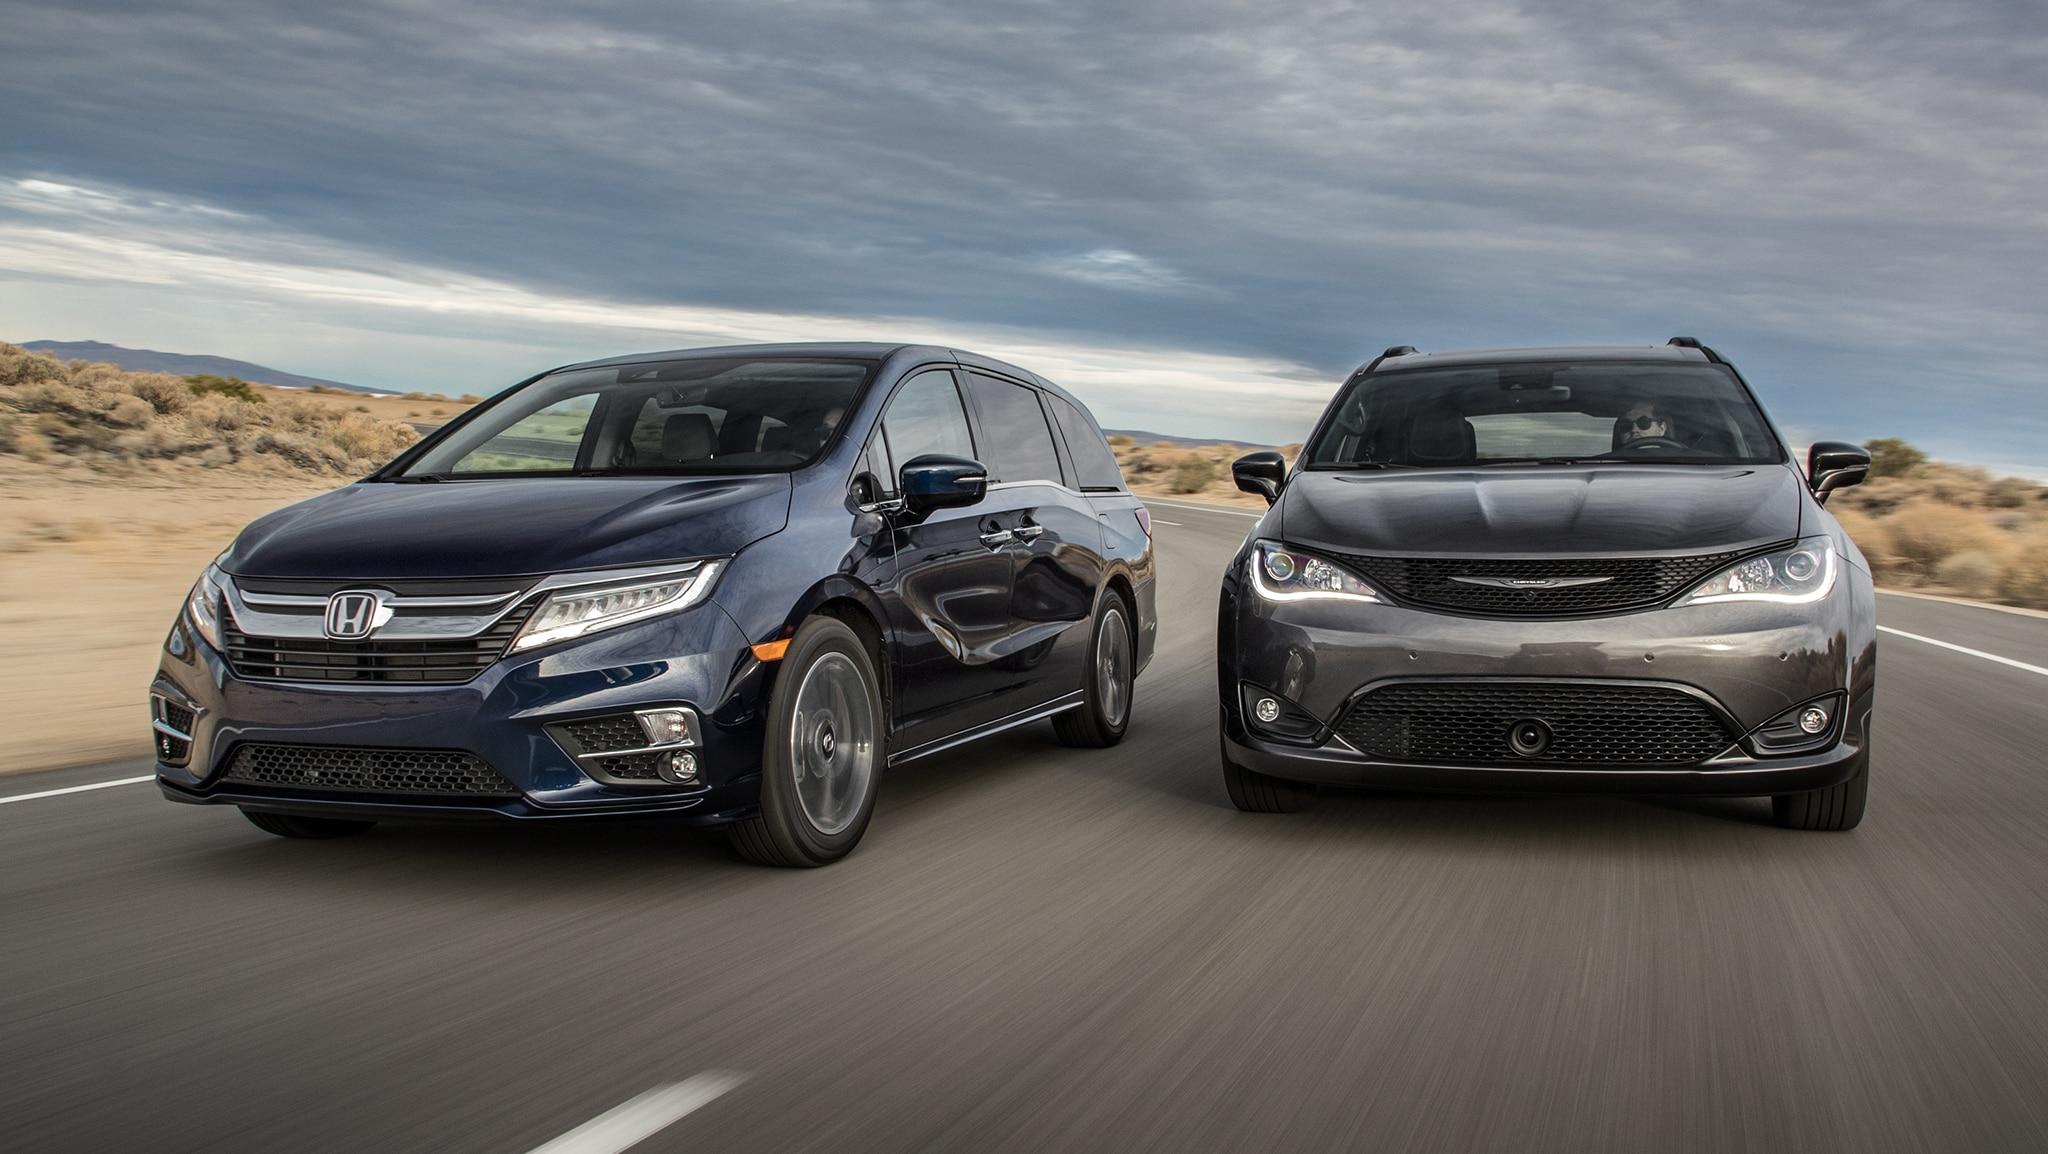 2019 Chrysler Pacifica S 2019 Honda Odyssey Elite 2019 1